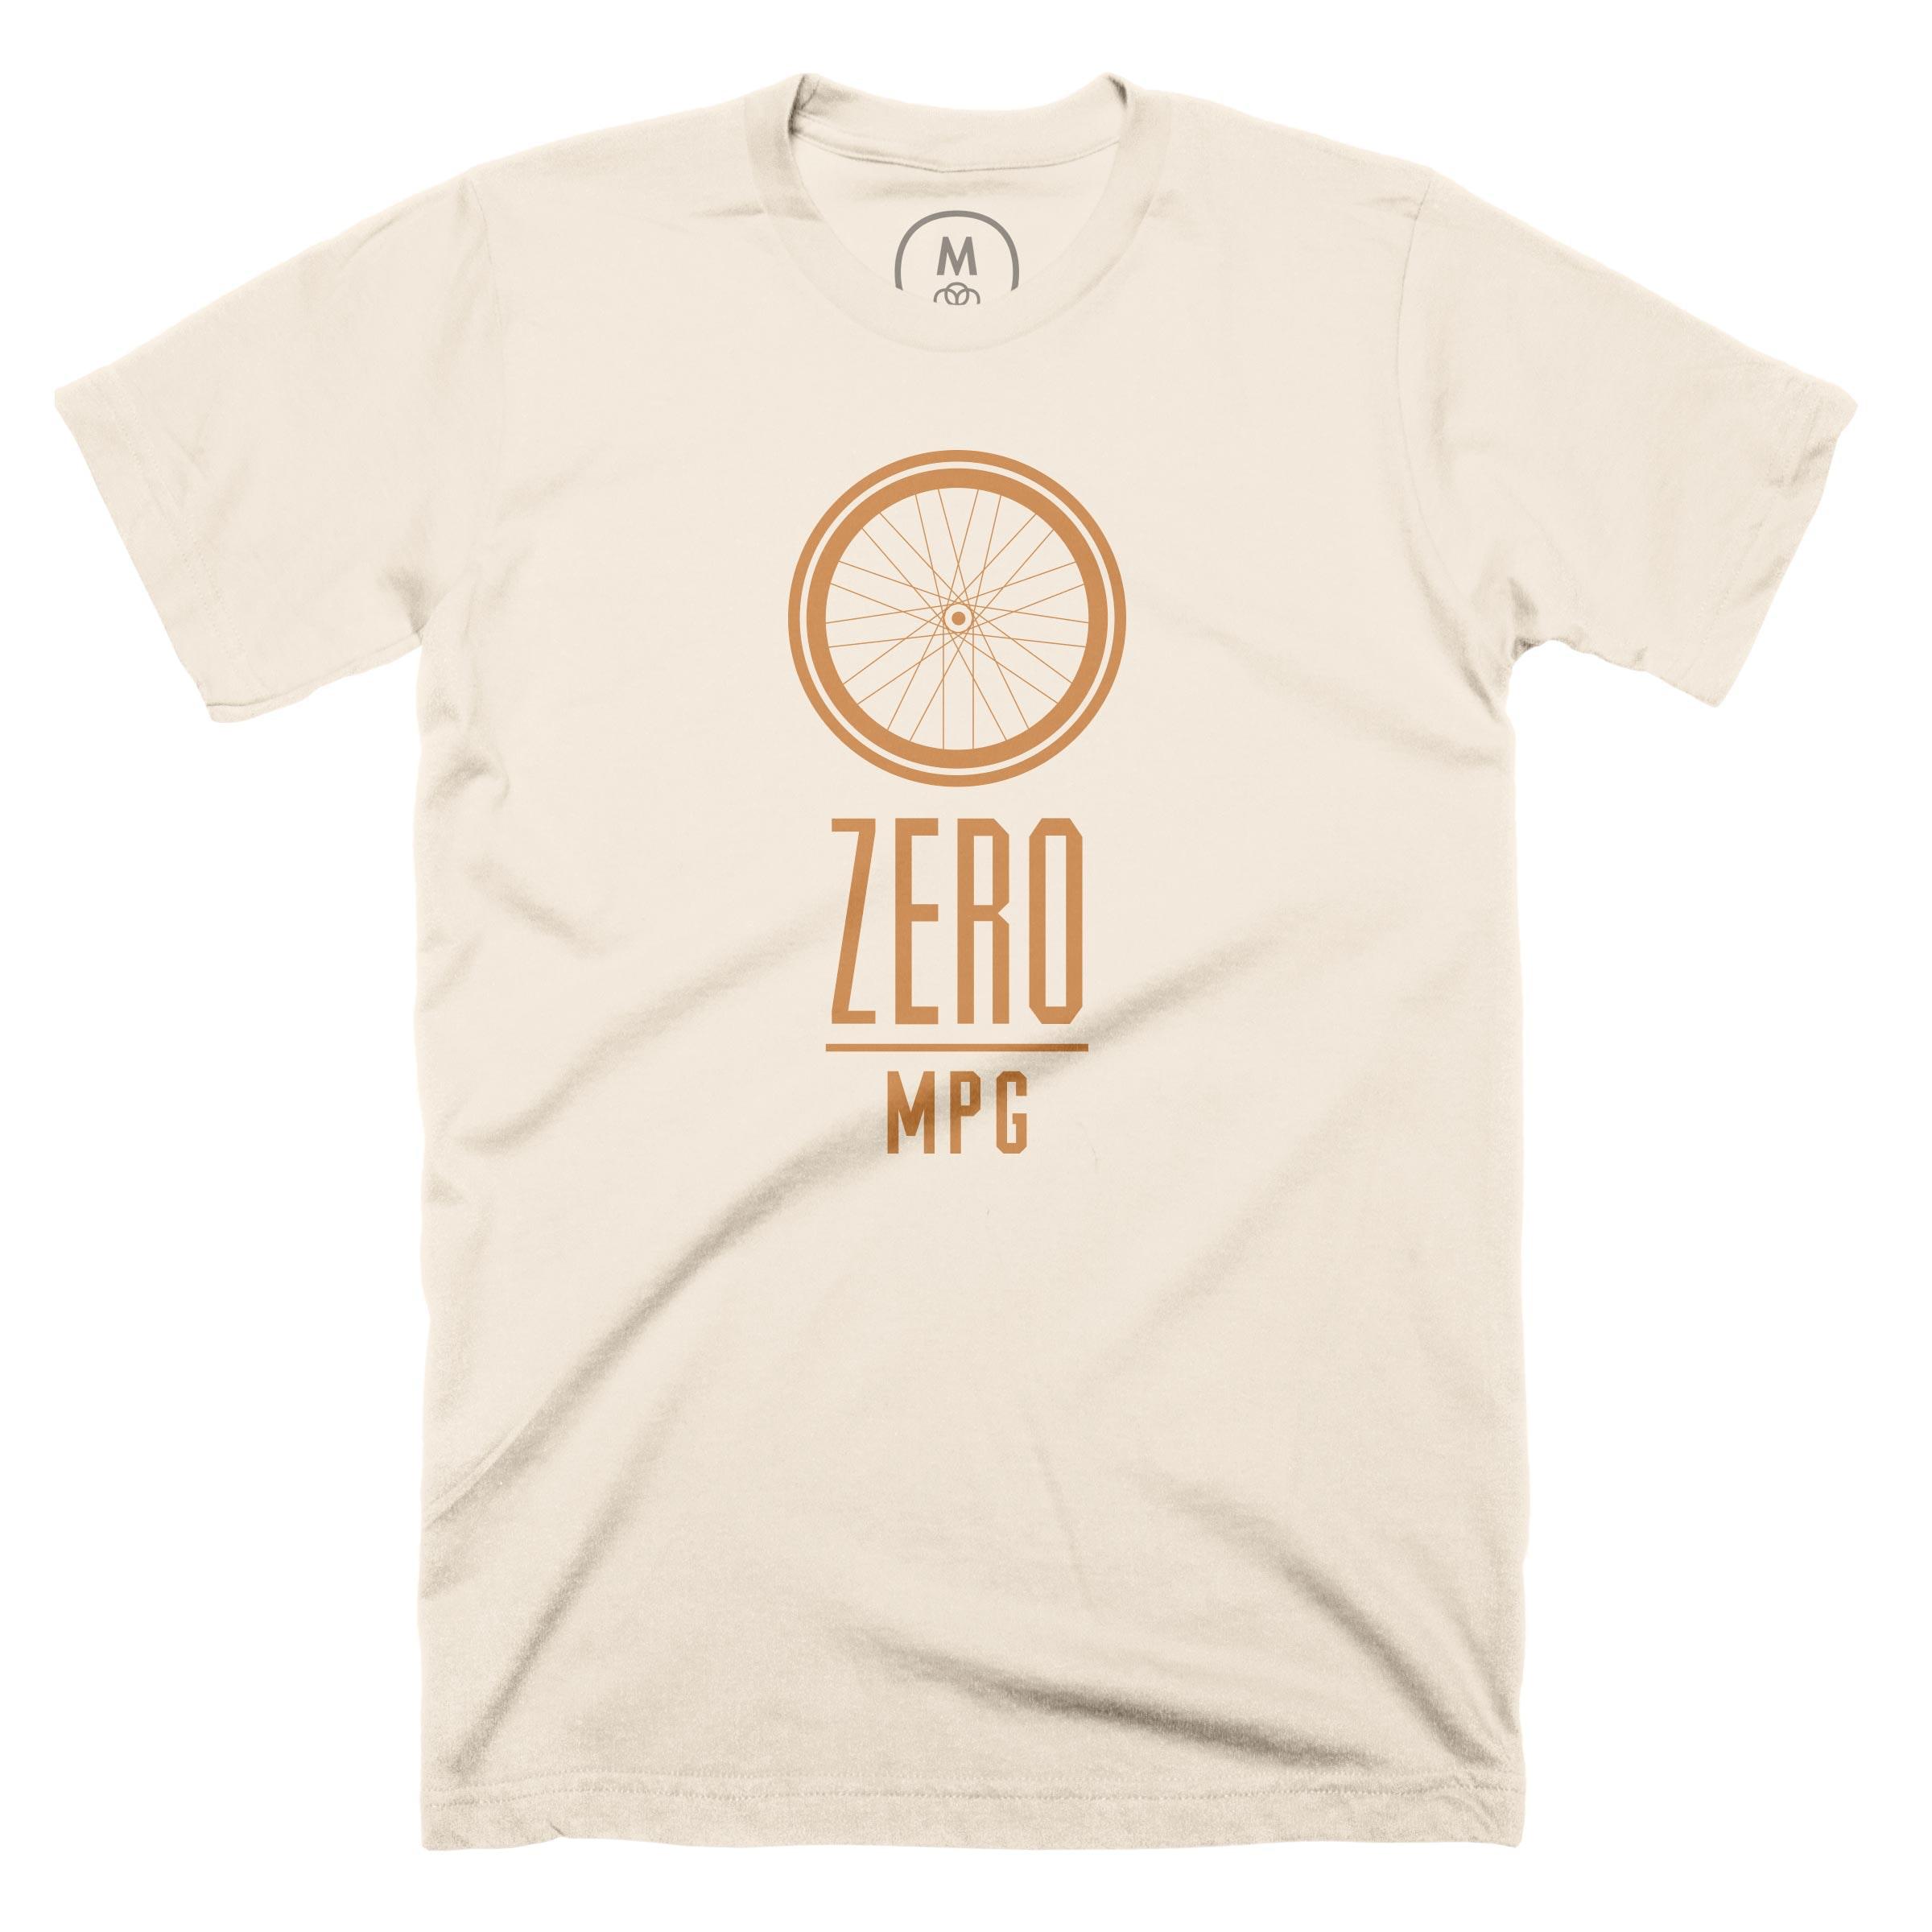 ZERO mpg